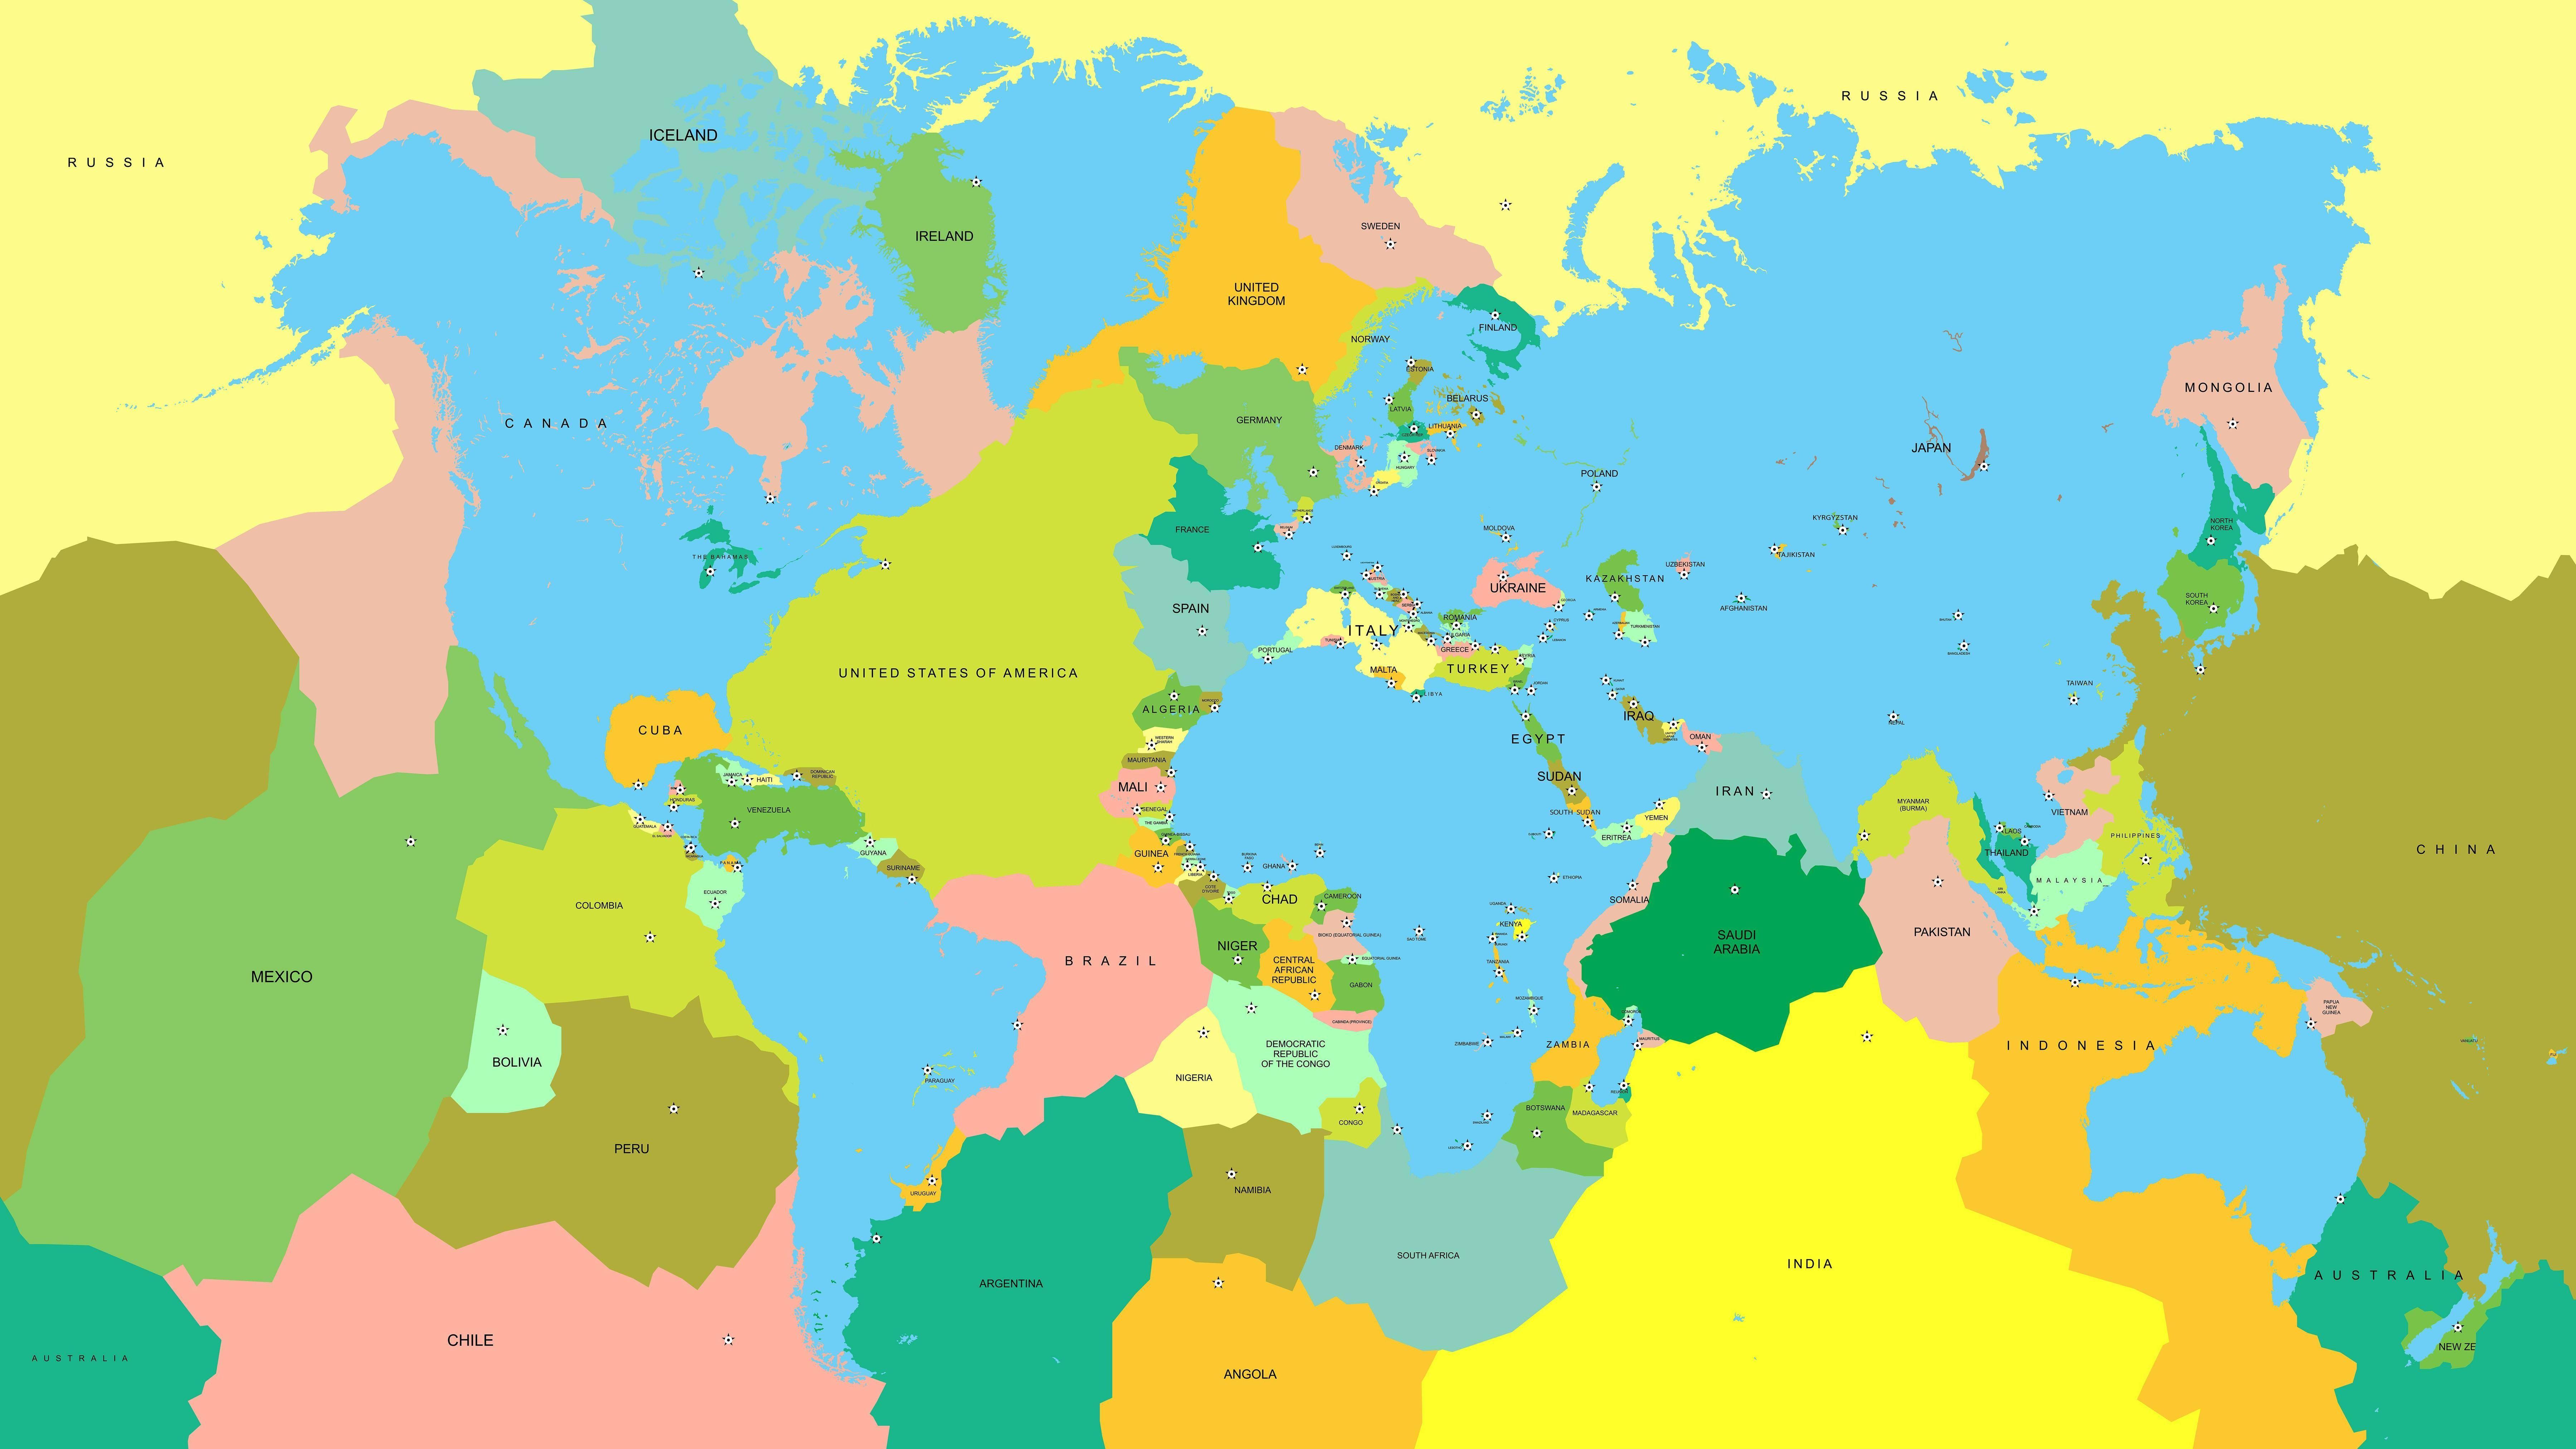 Mapsontheweb Alternative Land Water Inverted World Map Contexto